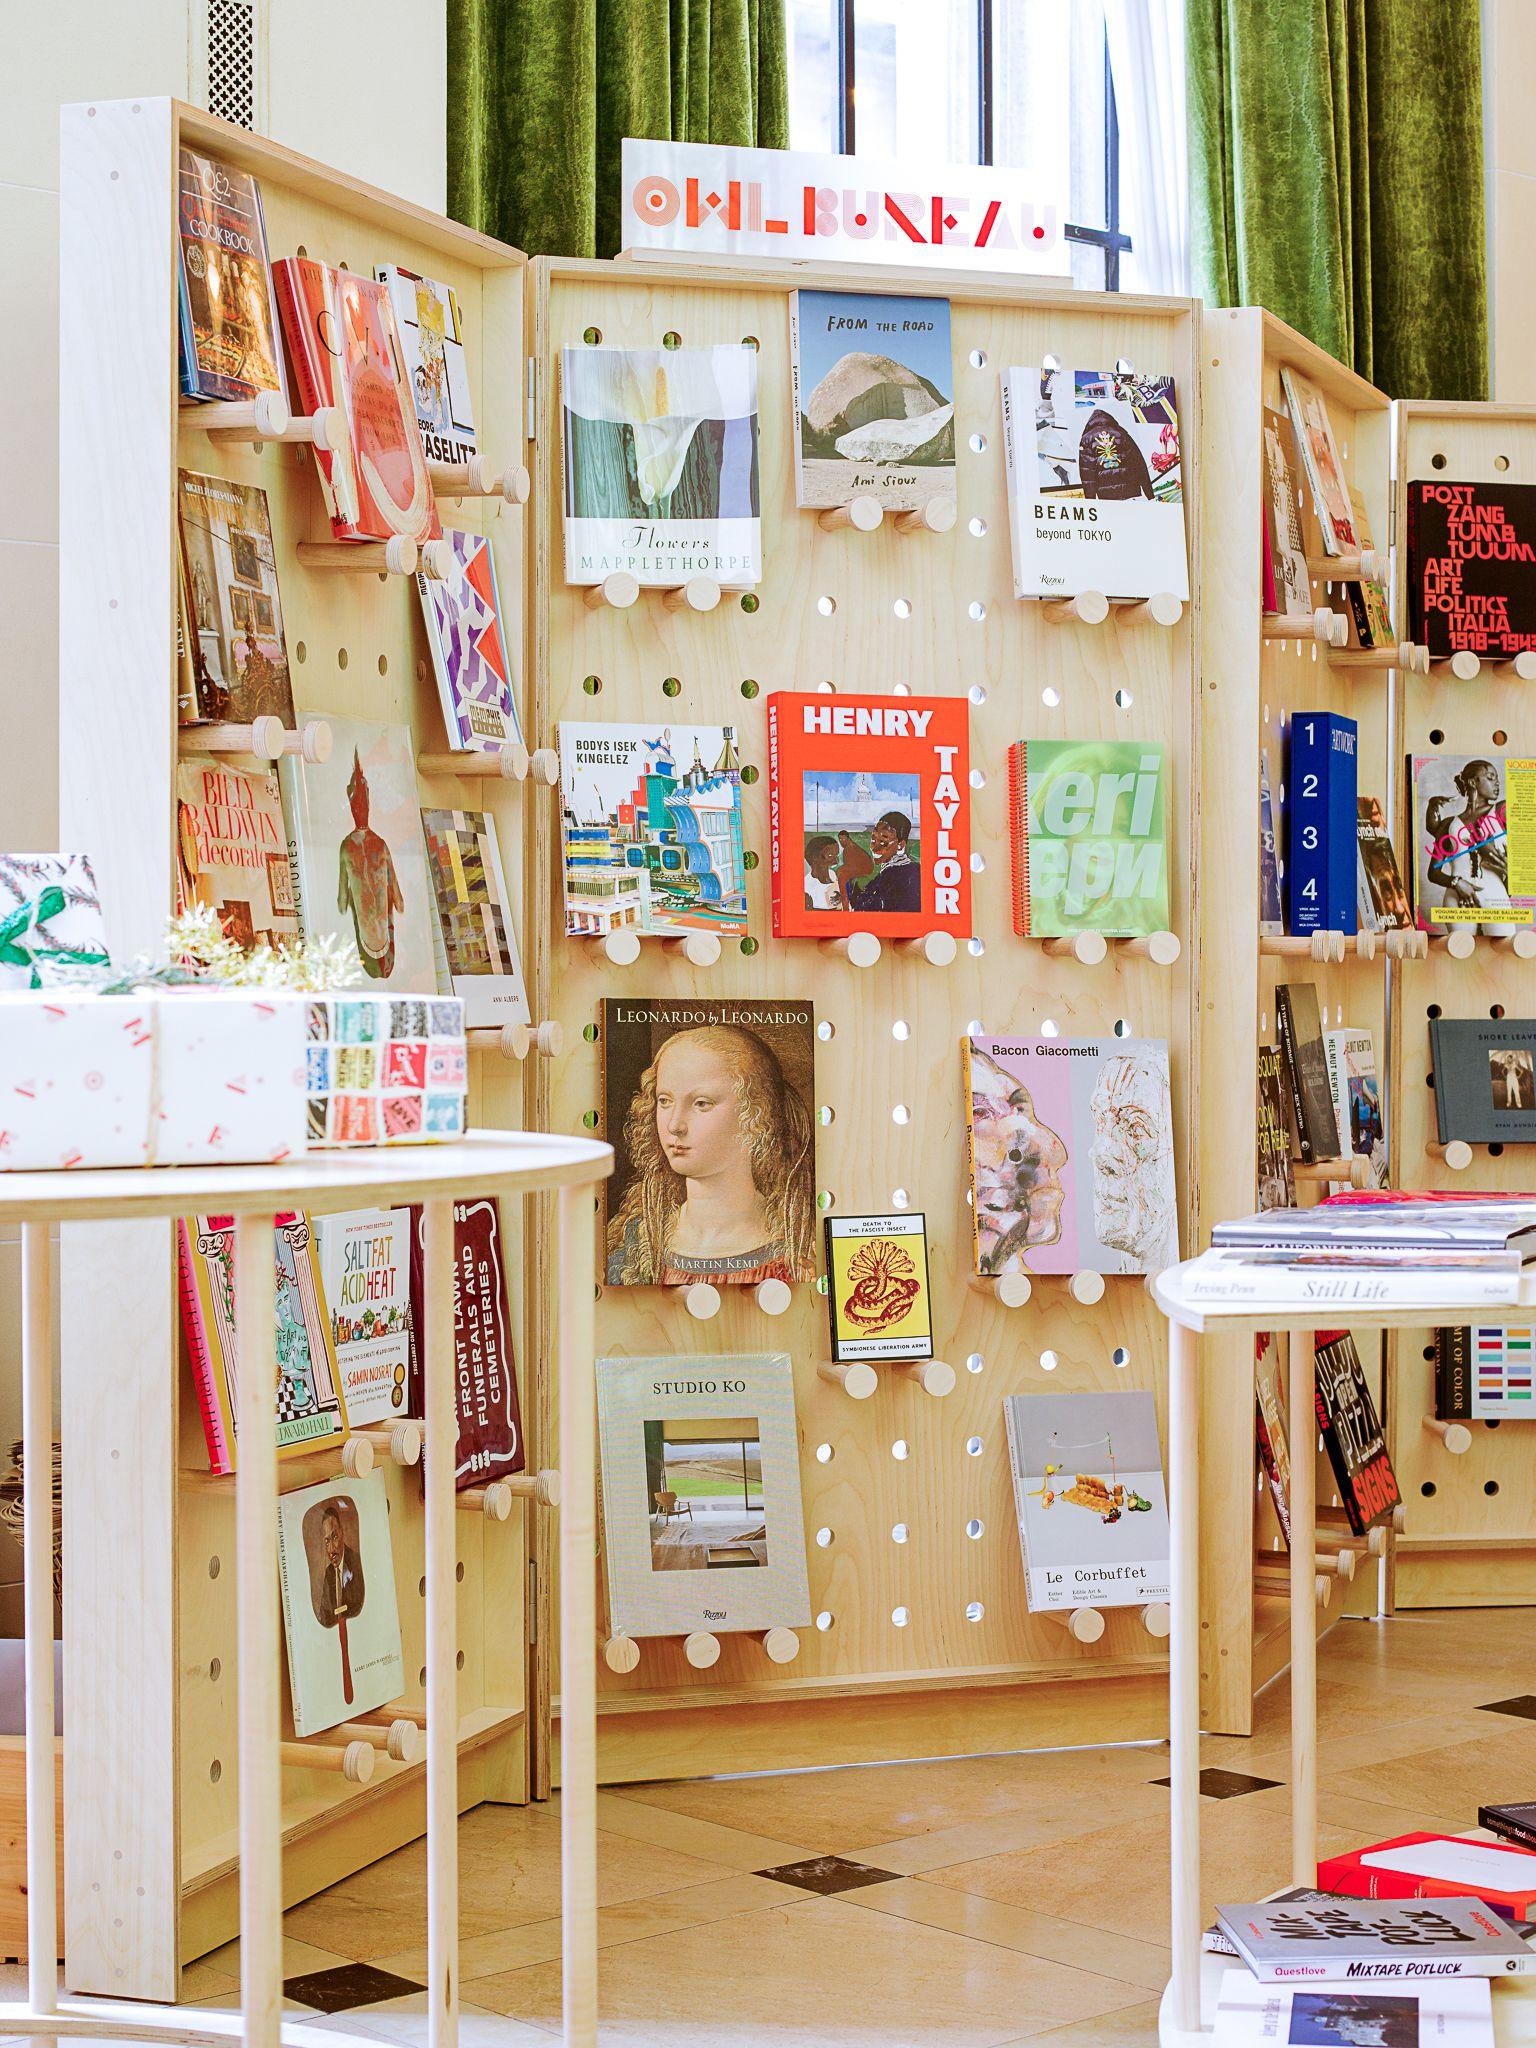 Owl Bureau / NoMad Hotel Pop-Up product image 5